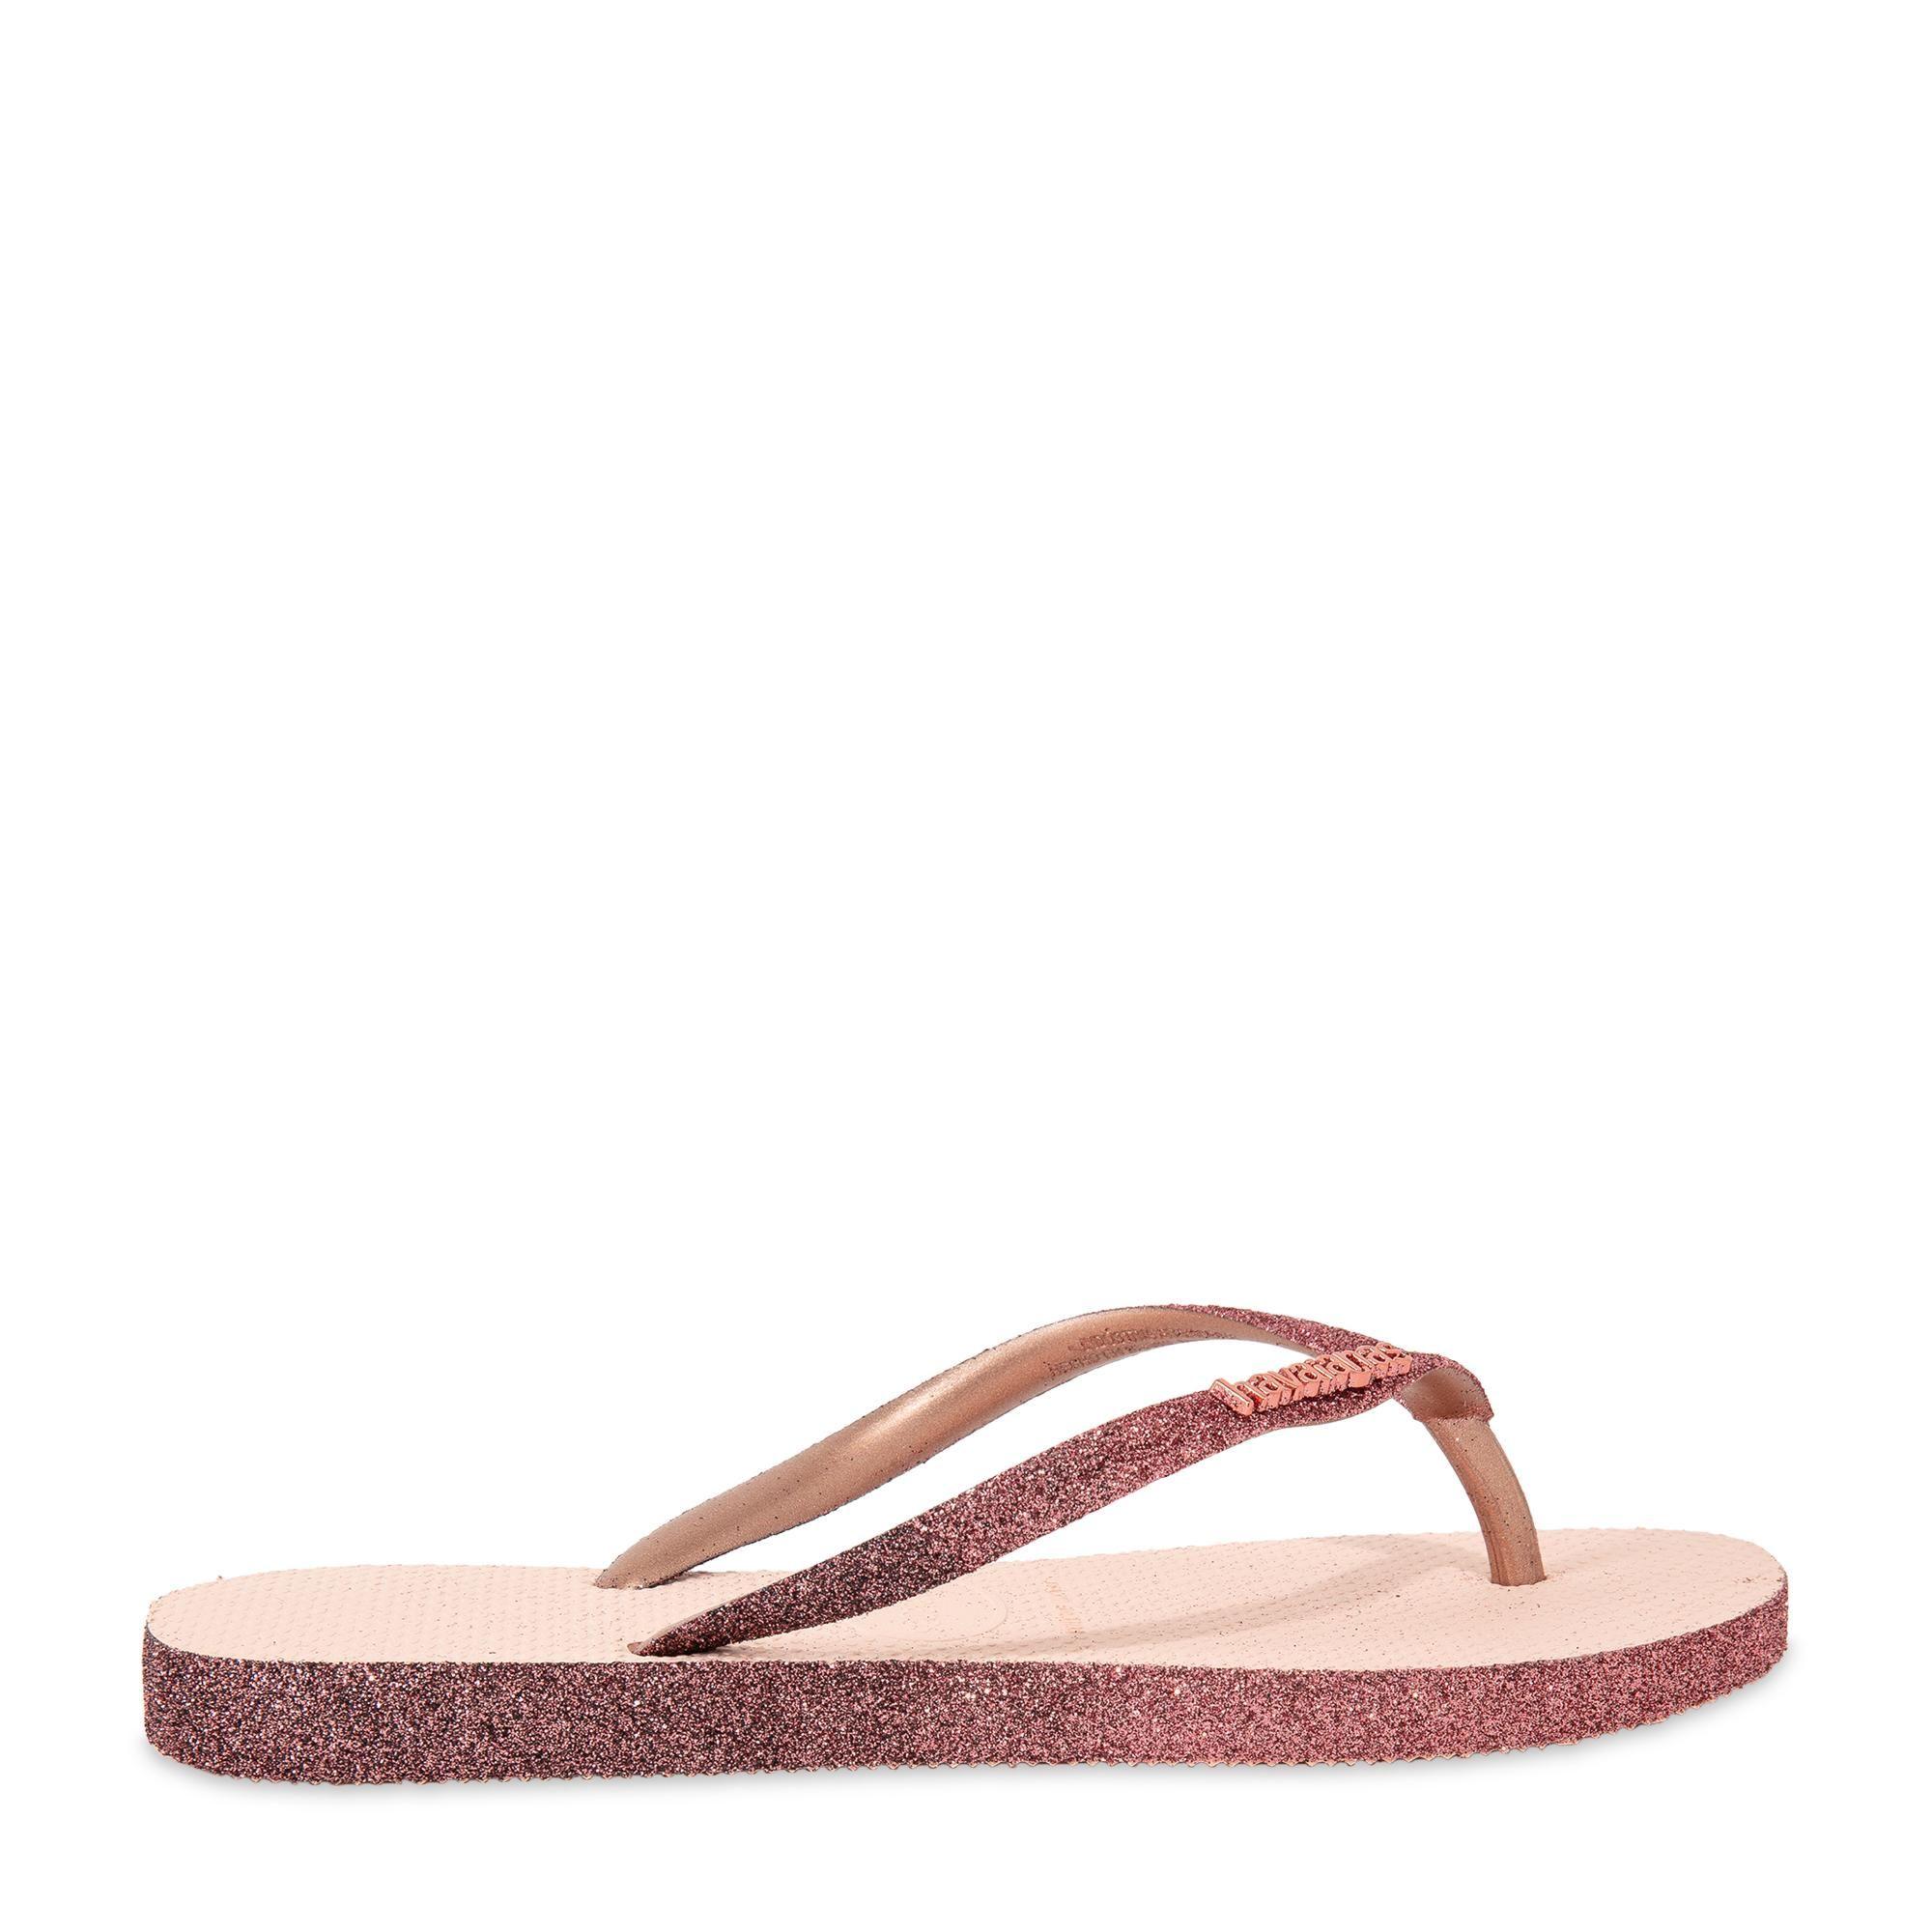 Sparkle rubber flip flops